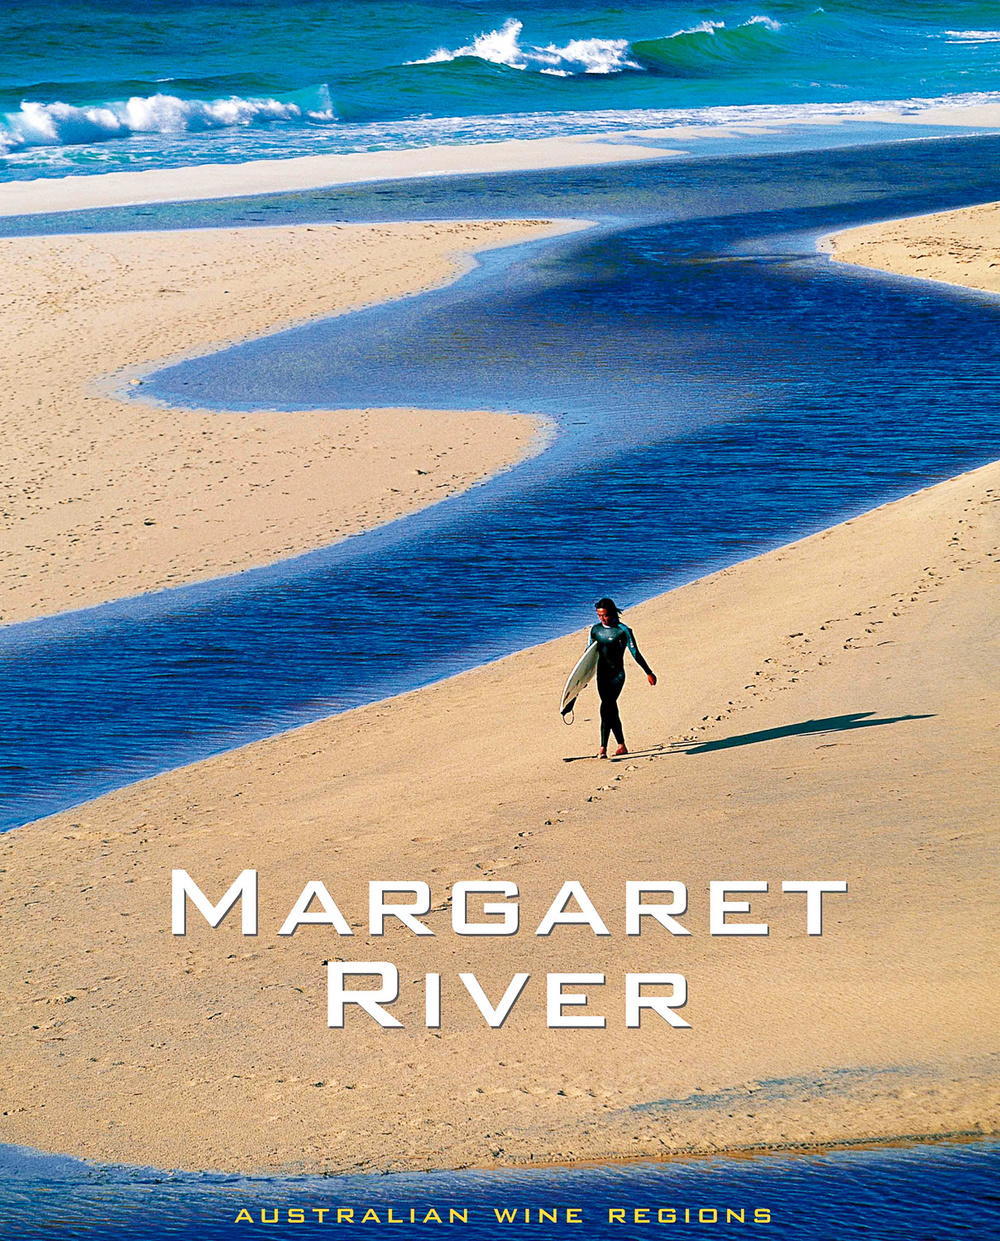 MargaretRiver.jpg